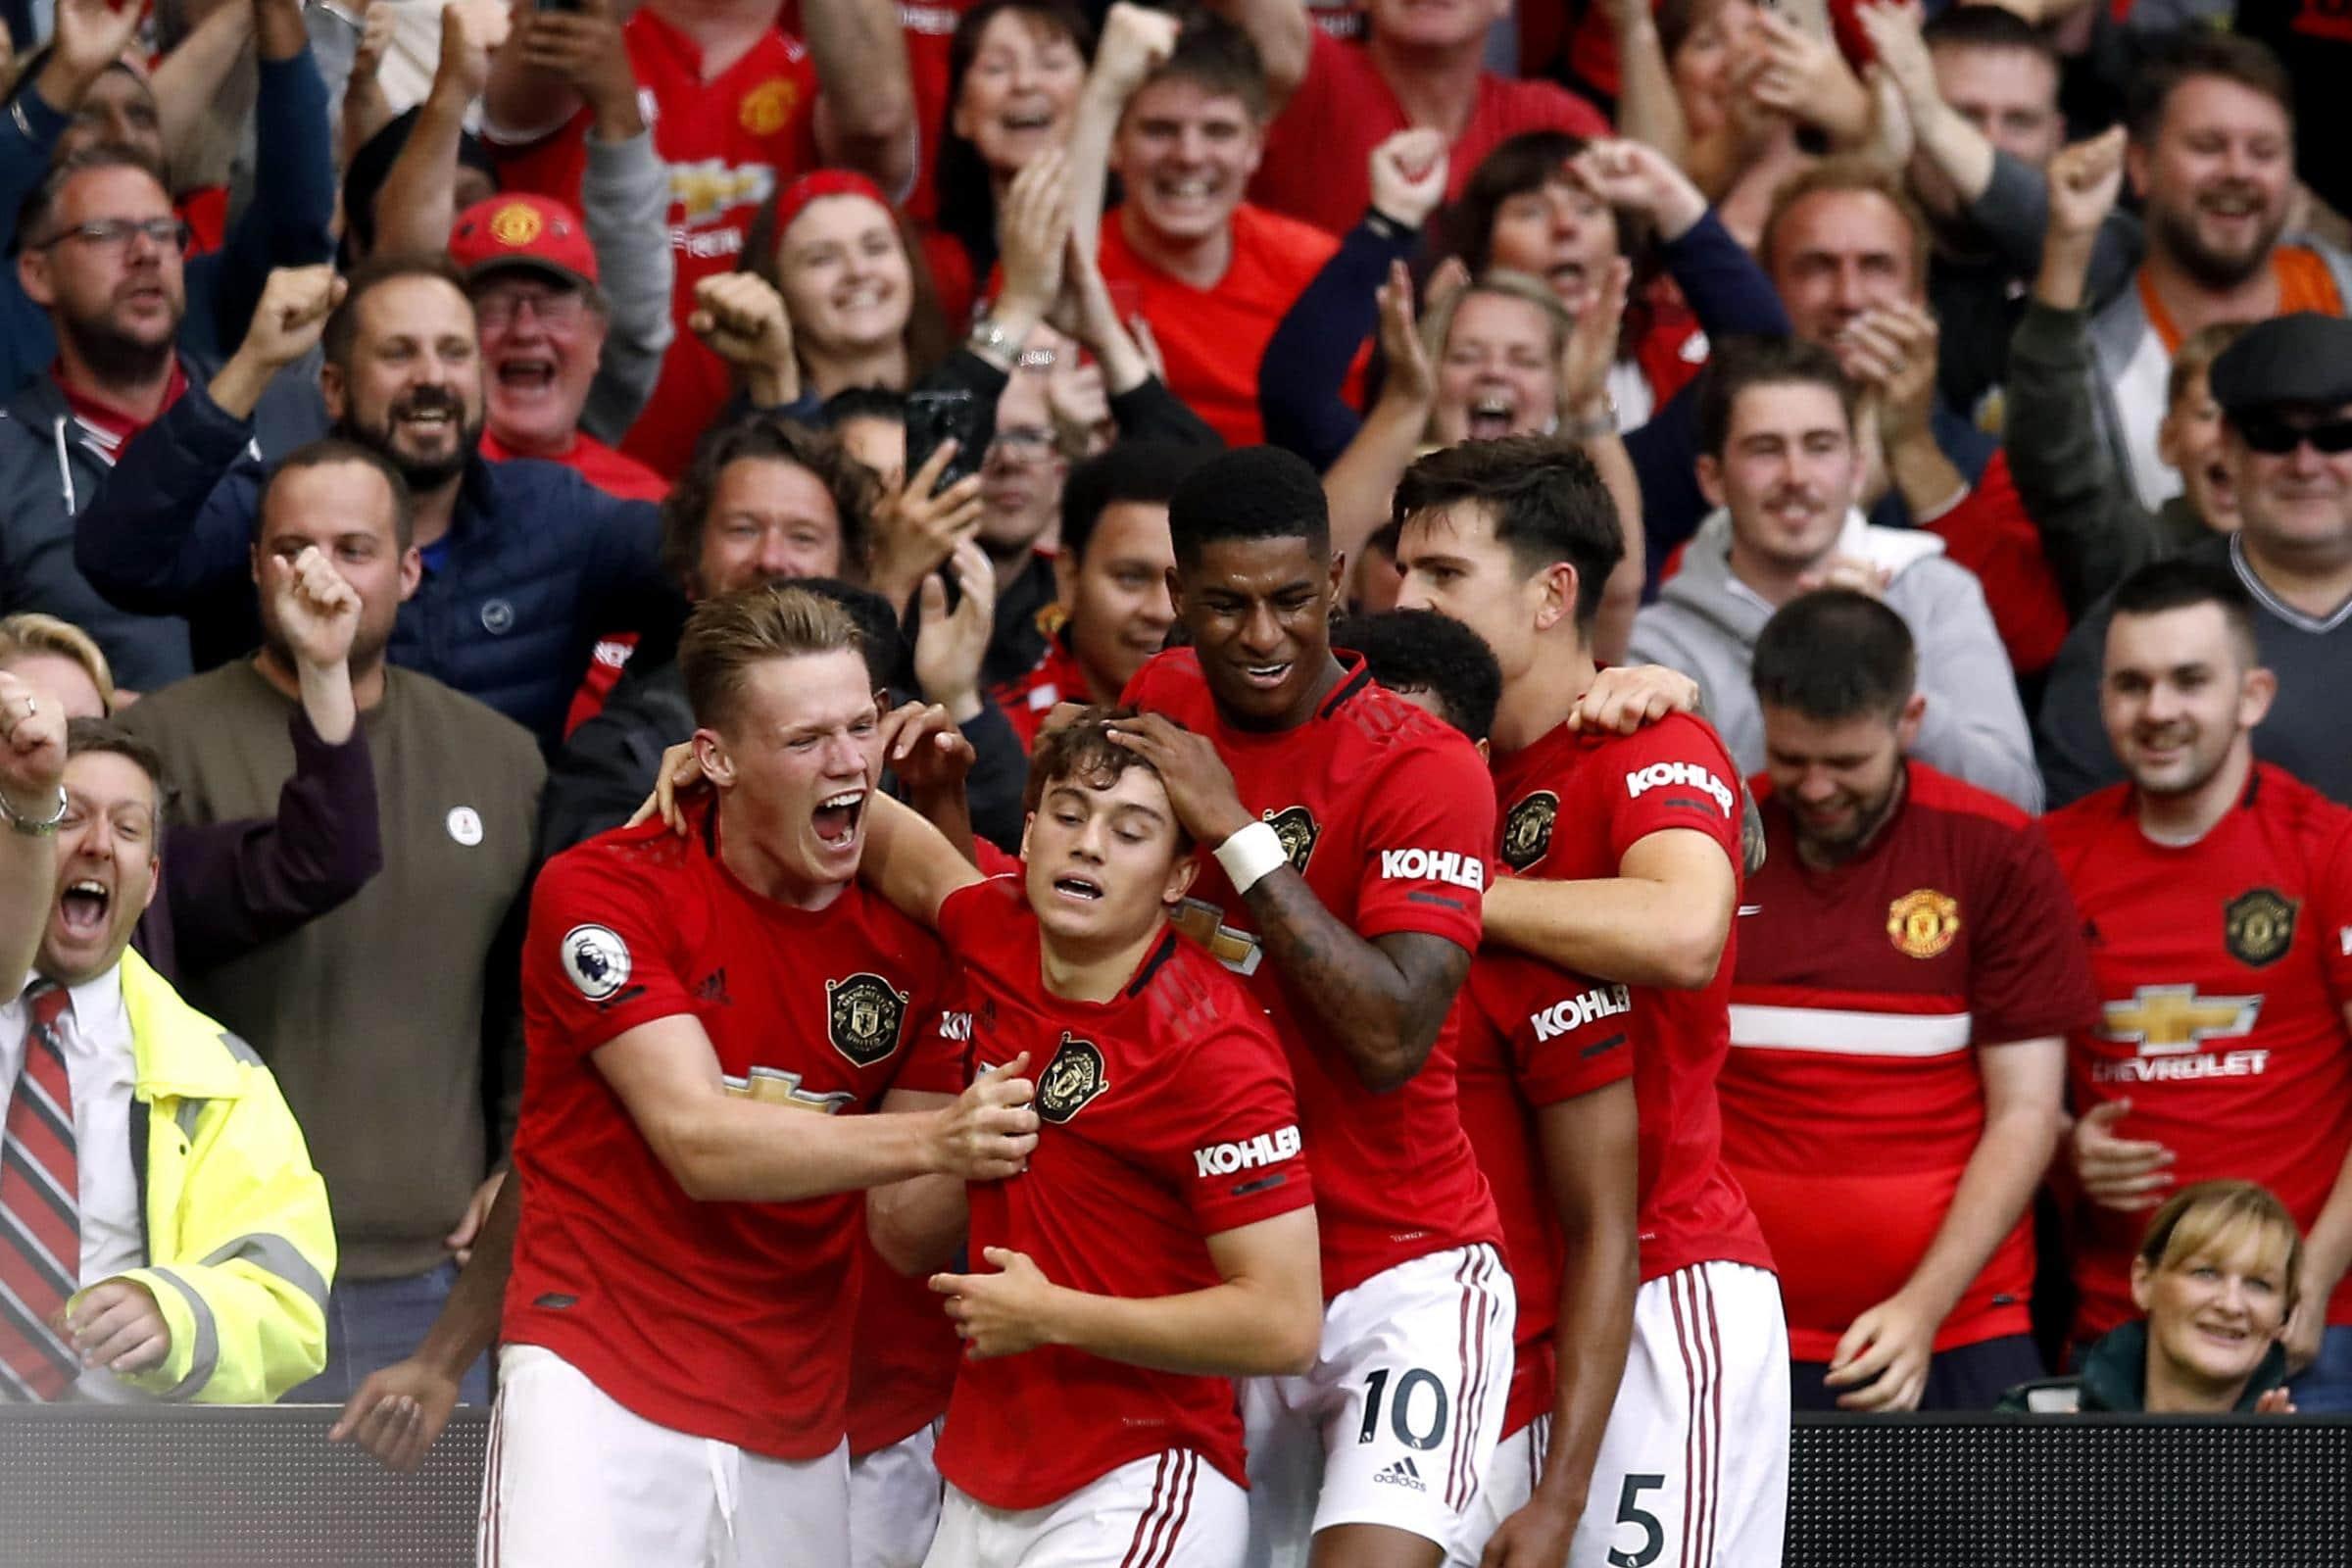 วิเคราะห์ฟุตบอล พรีเมียร์ลีก อังกฤษ | วูล์ฟส์ vs แมนฯยู 19/08/19